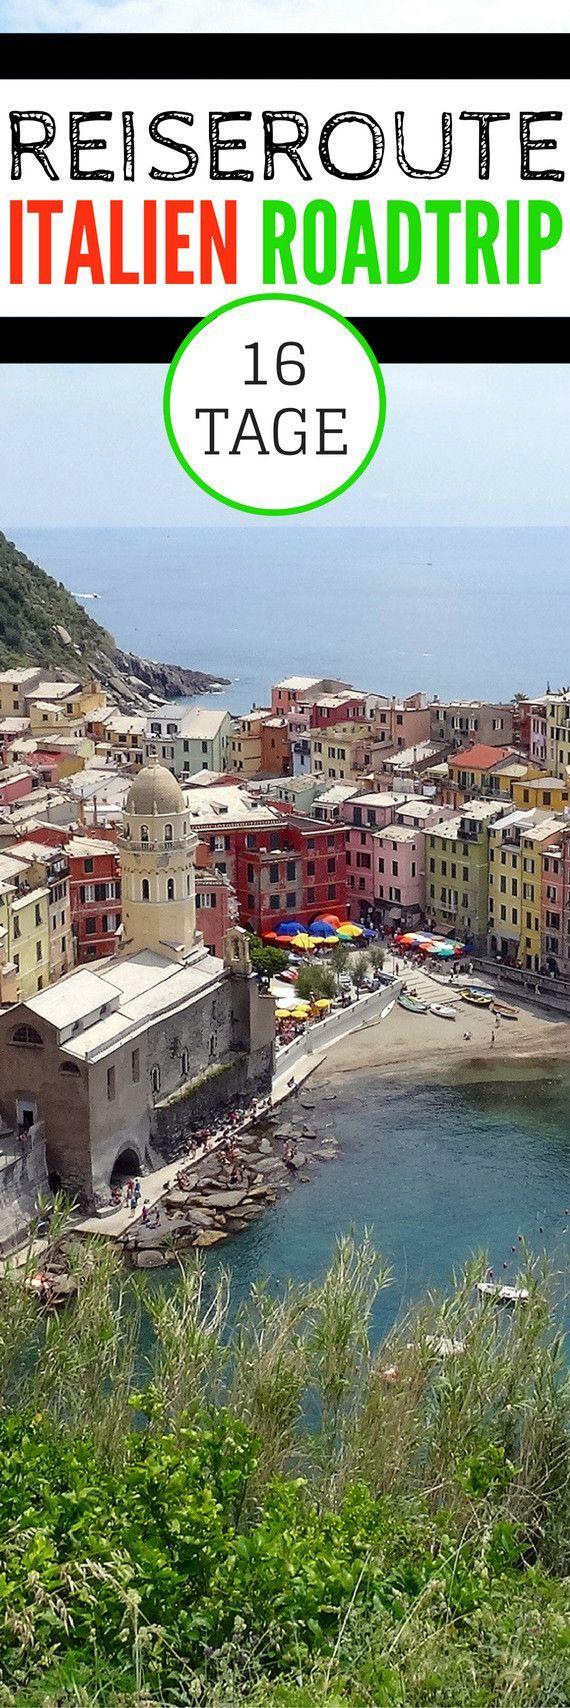 reiseroute 16 tage mit dem auto durch italien stephen white italien reisen italien. Black Bedroom Furniture Sets. Home Design Ideas